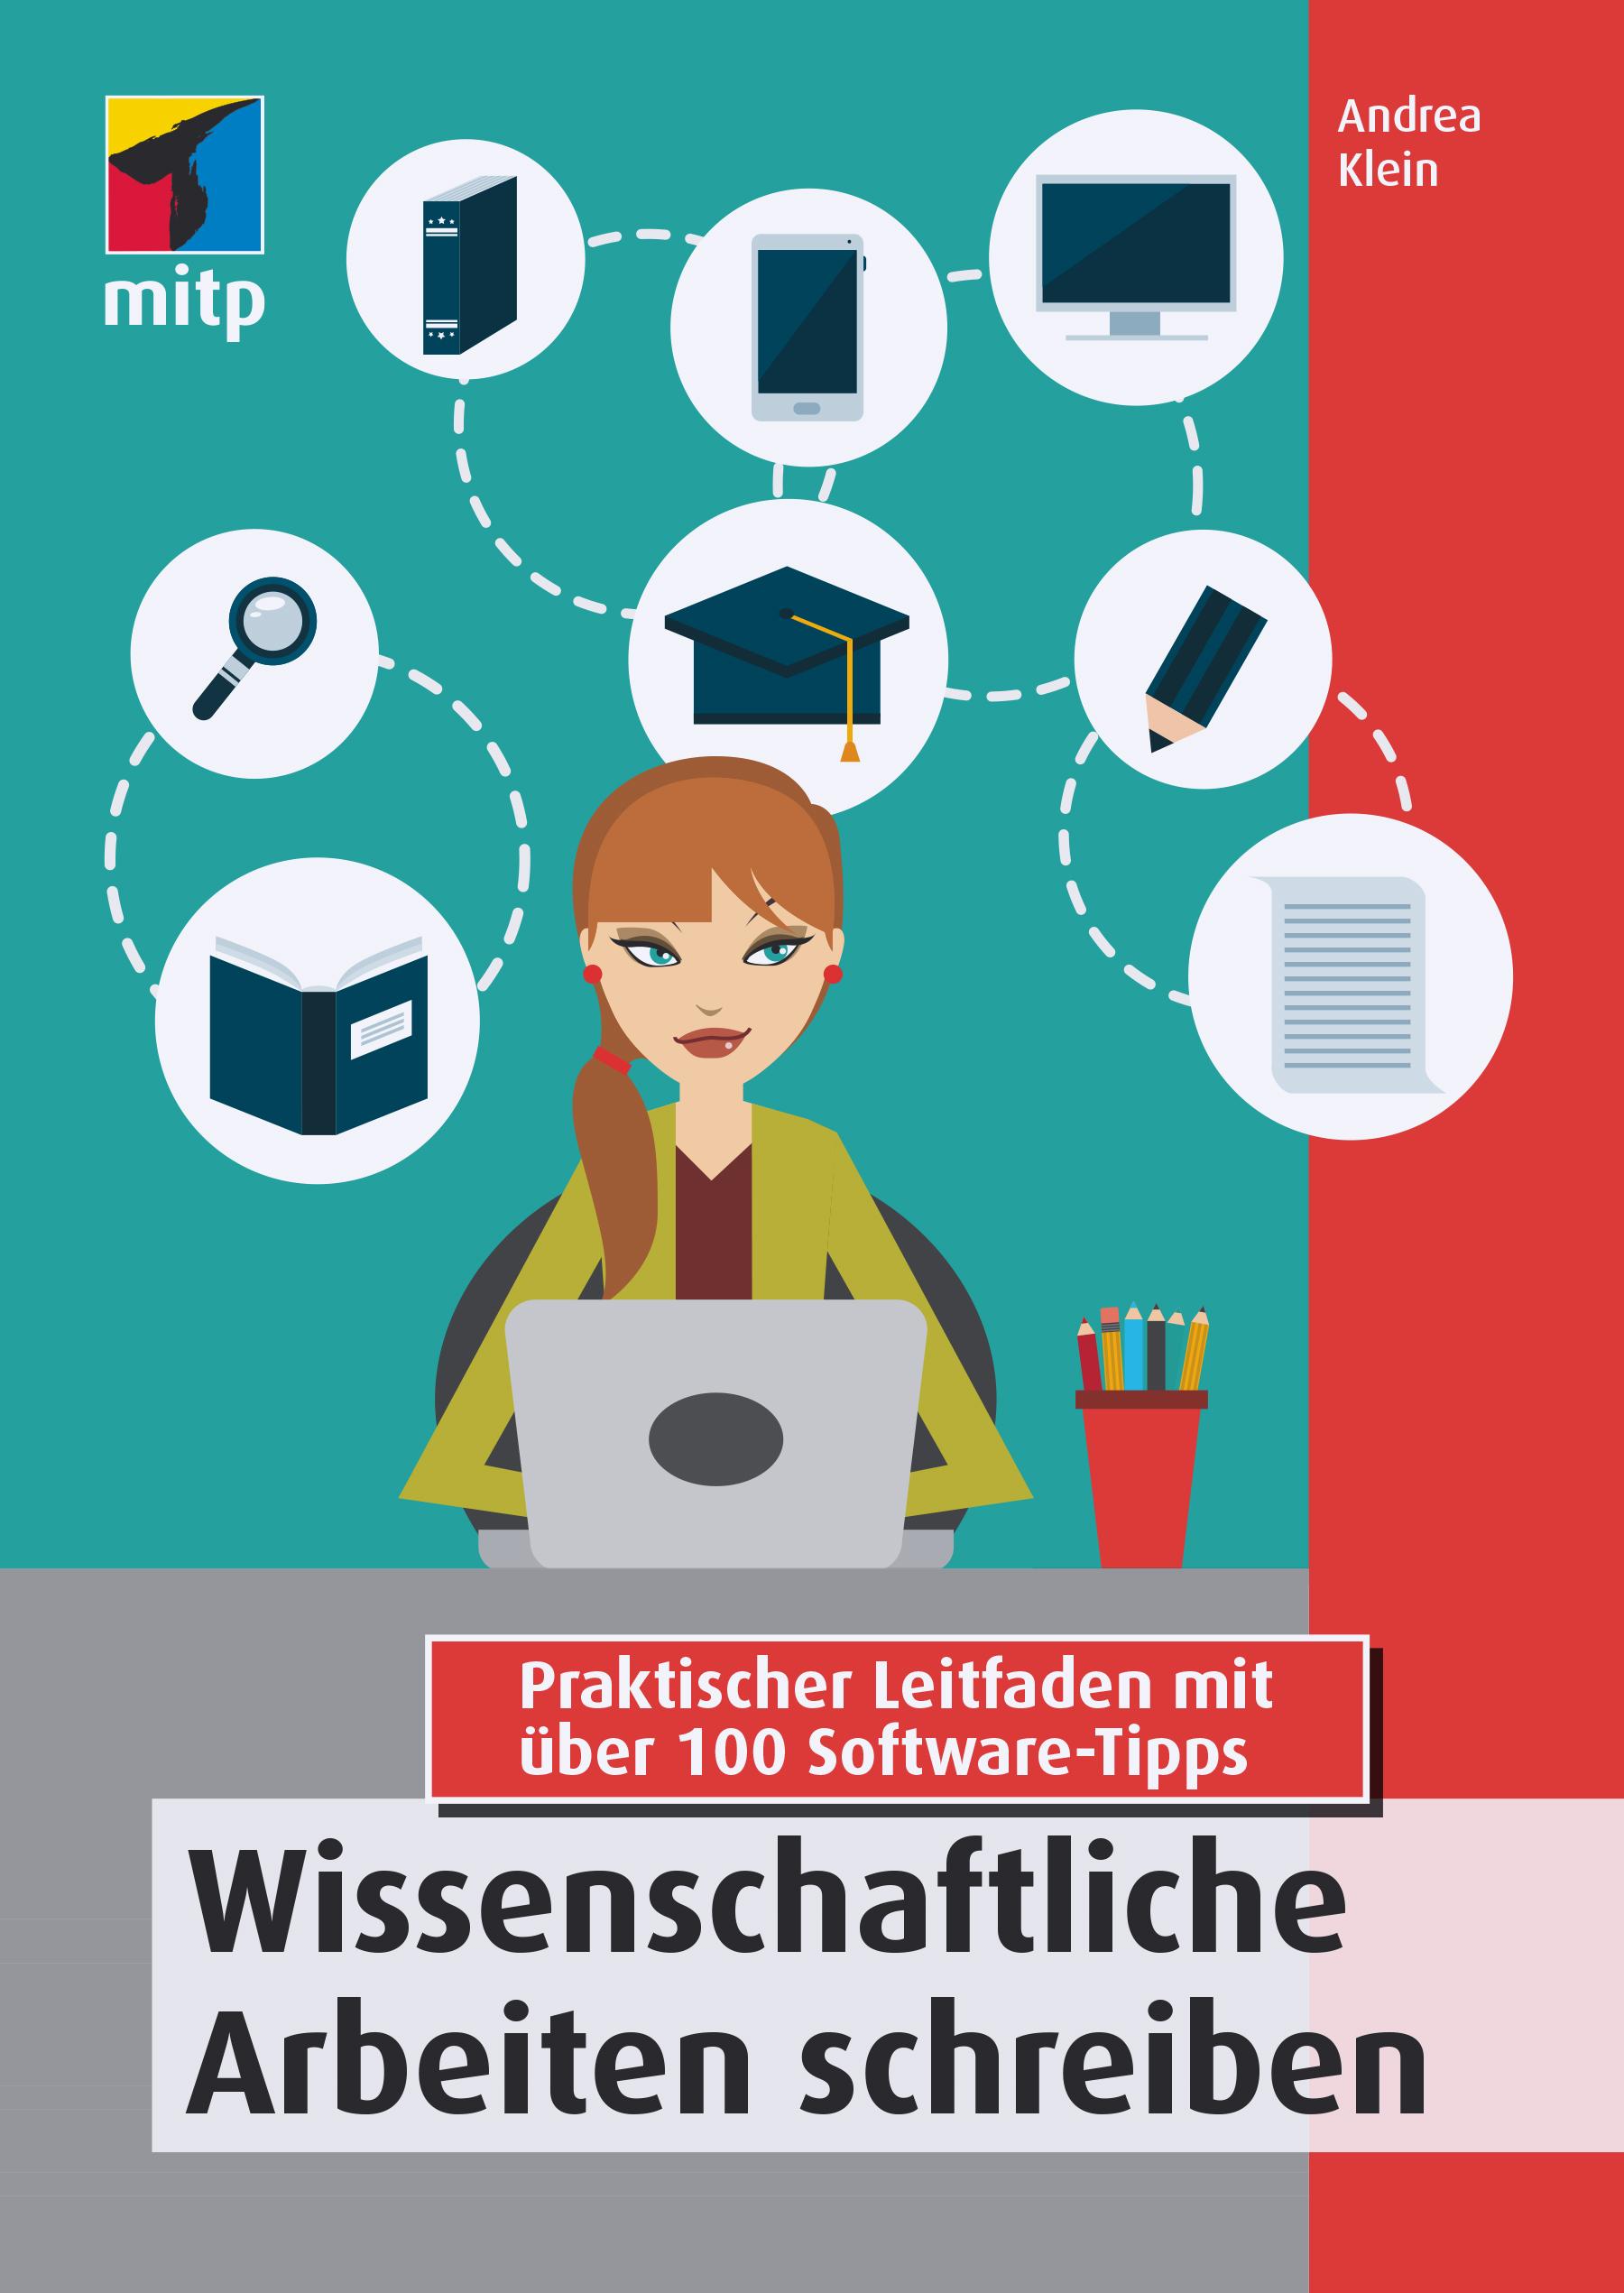 http://www.wissenschaftliches-arbeiten-lehren.de/wp-content/uploads/2017/03/9783958453869.jpg